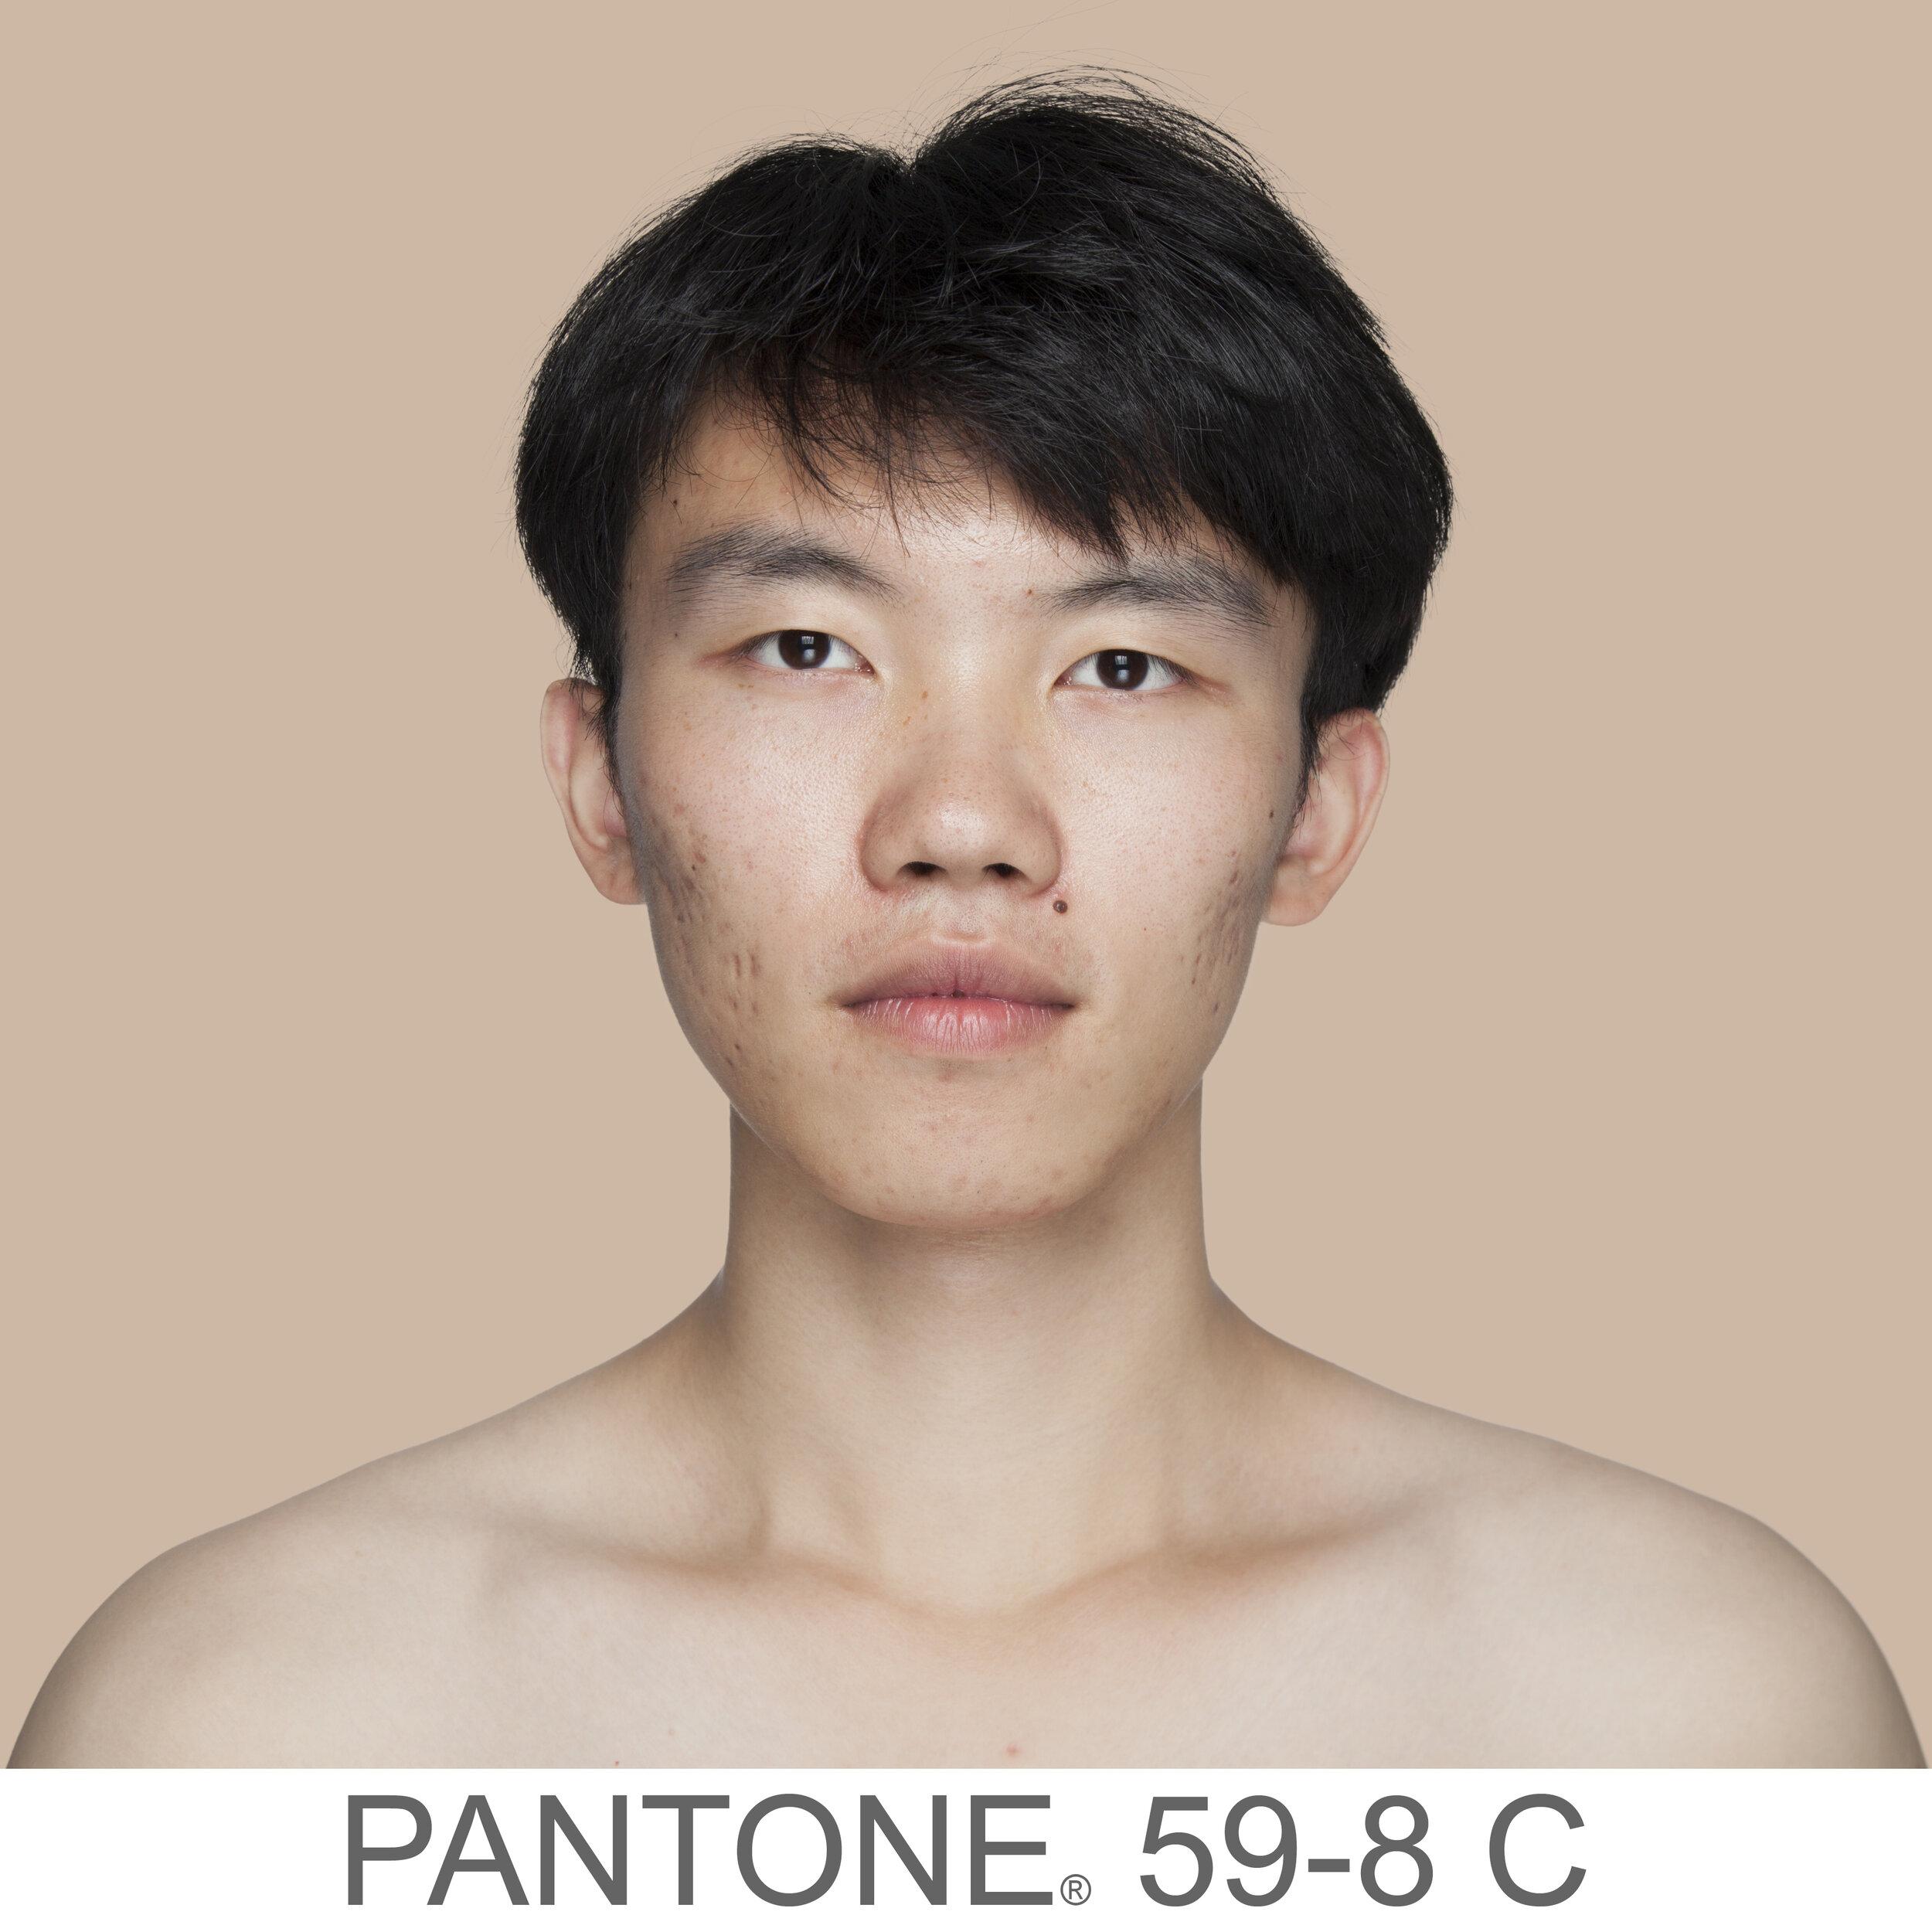 humanae 59-8 C4 CN copia.jpg